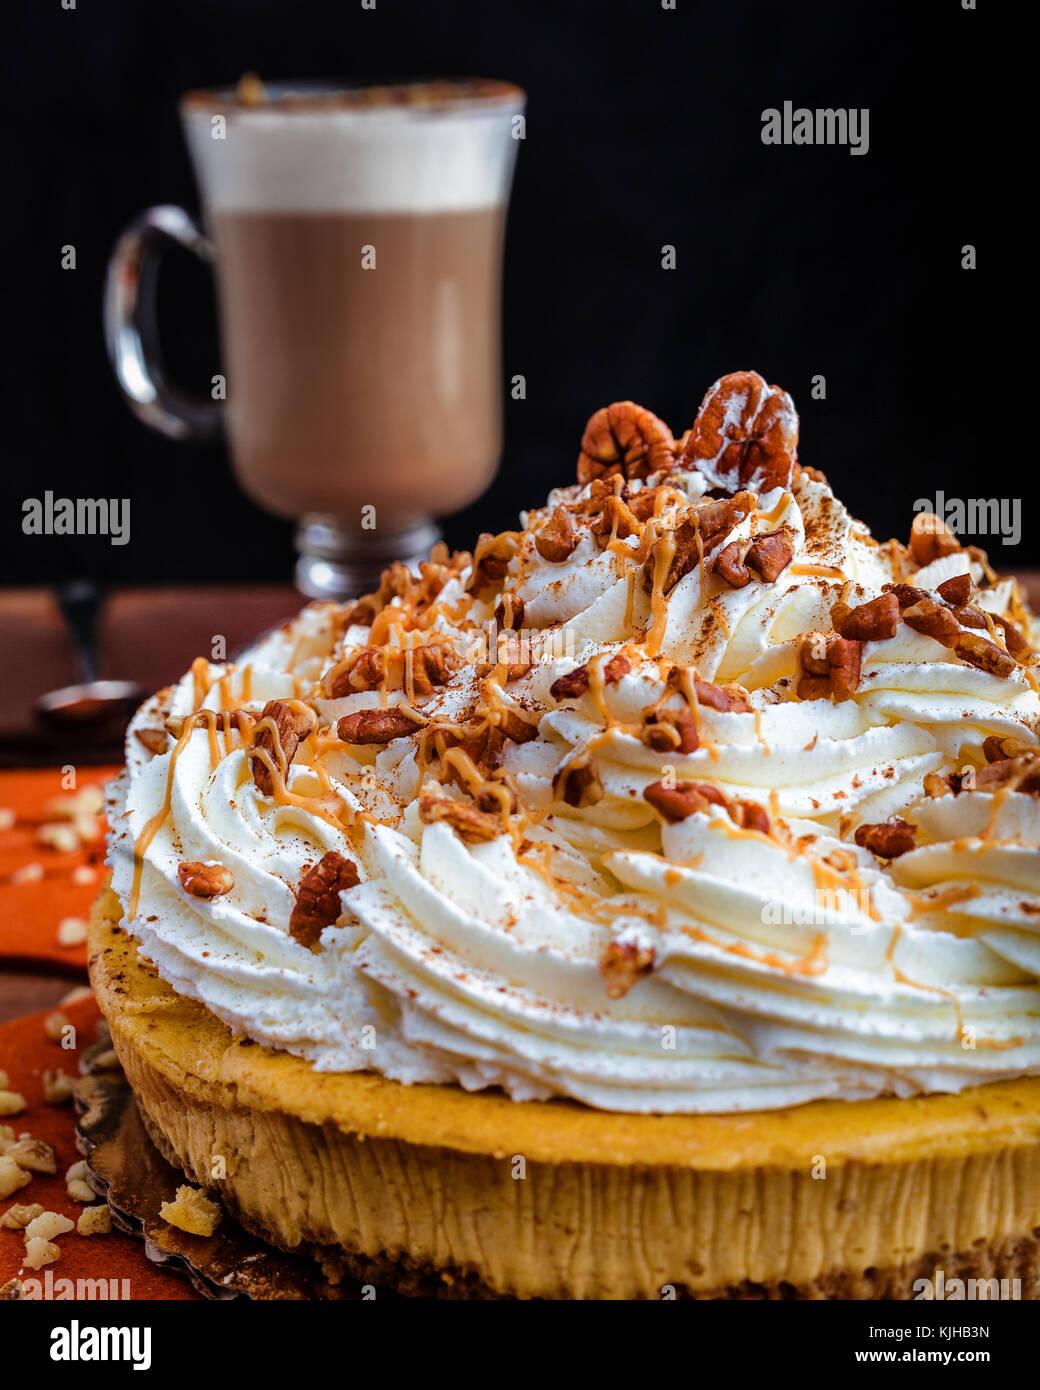 Profitez de l'action de grâce avec un gâteau au fromage à la citrouille et une tasse de café Photo Stock